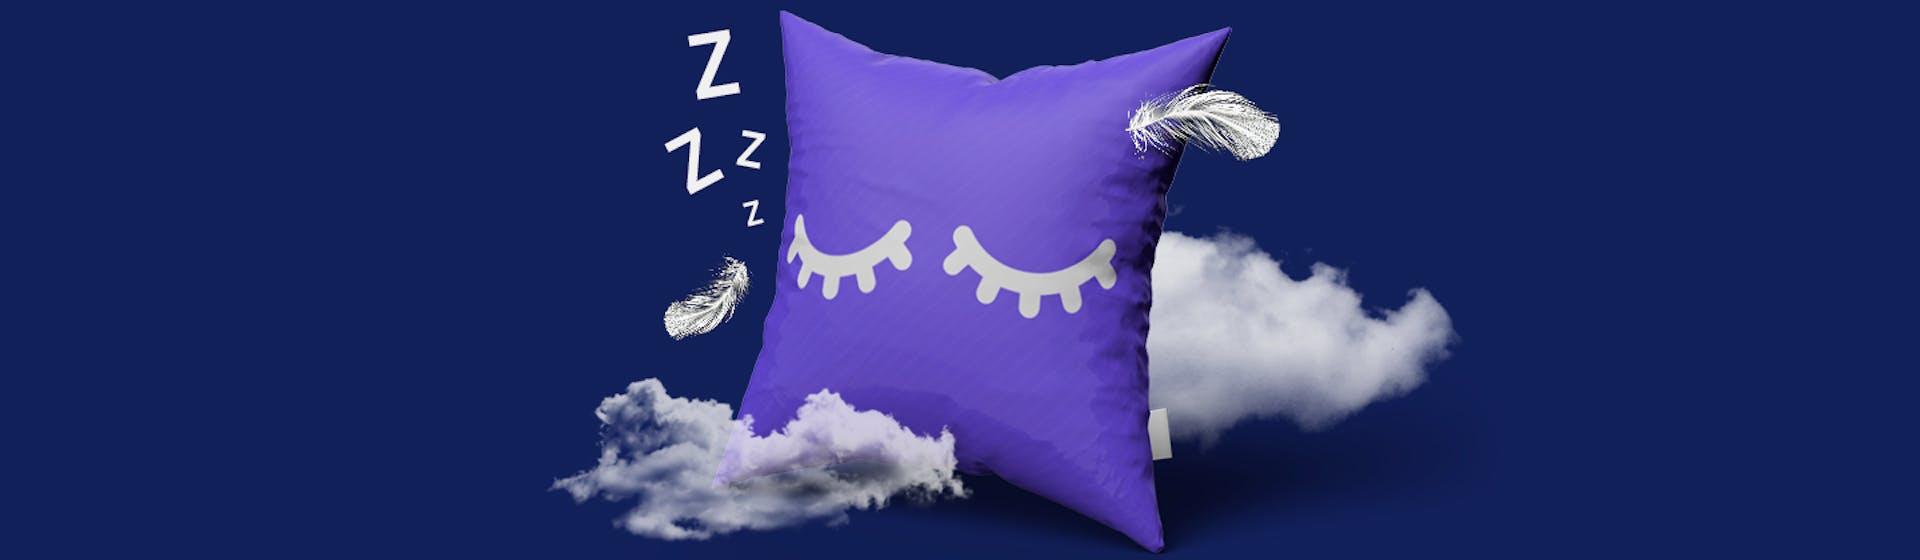 ¿Cómo dormir mejor? 10 consejos que prometen vencer el insomnio